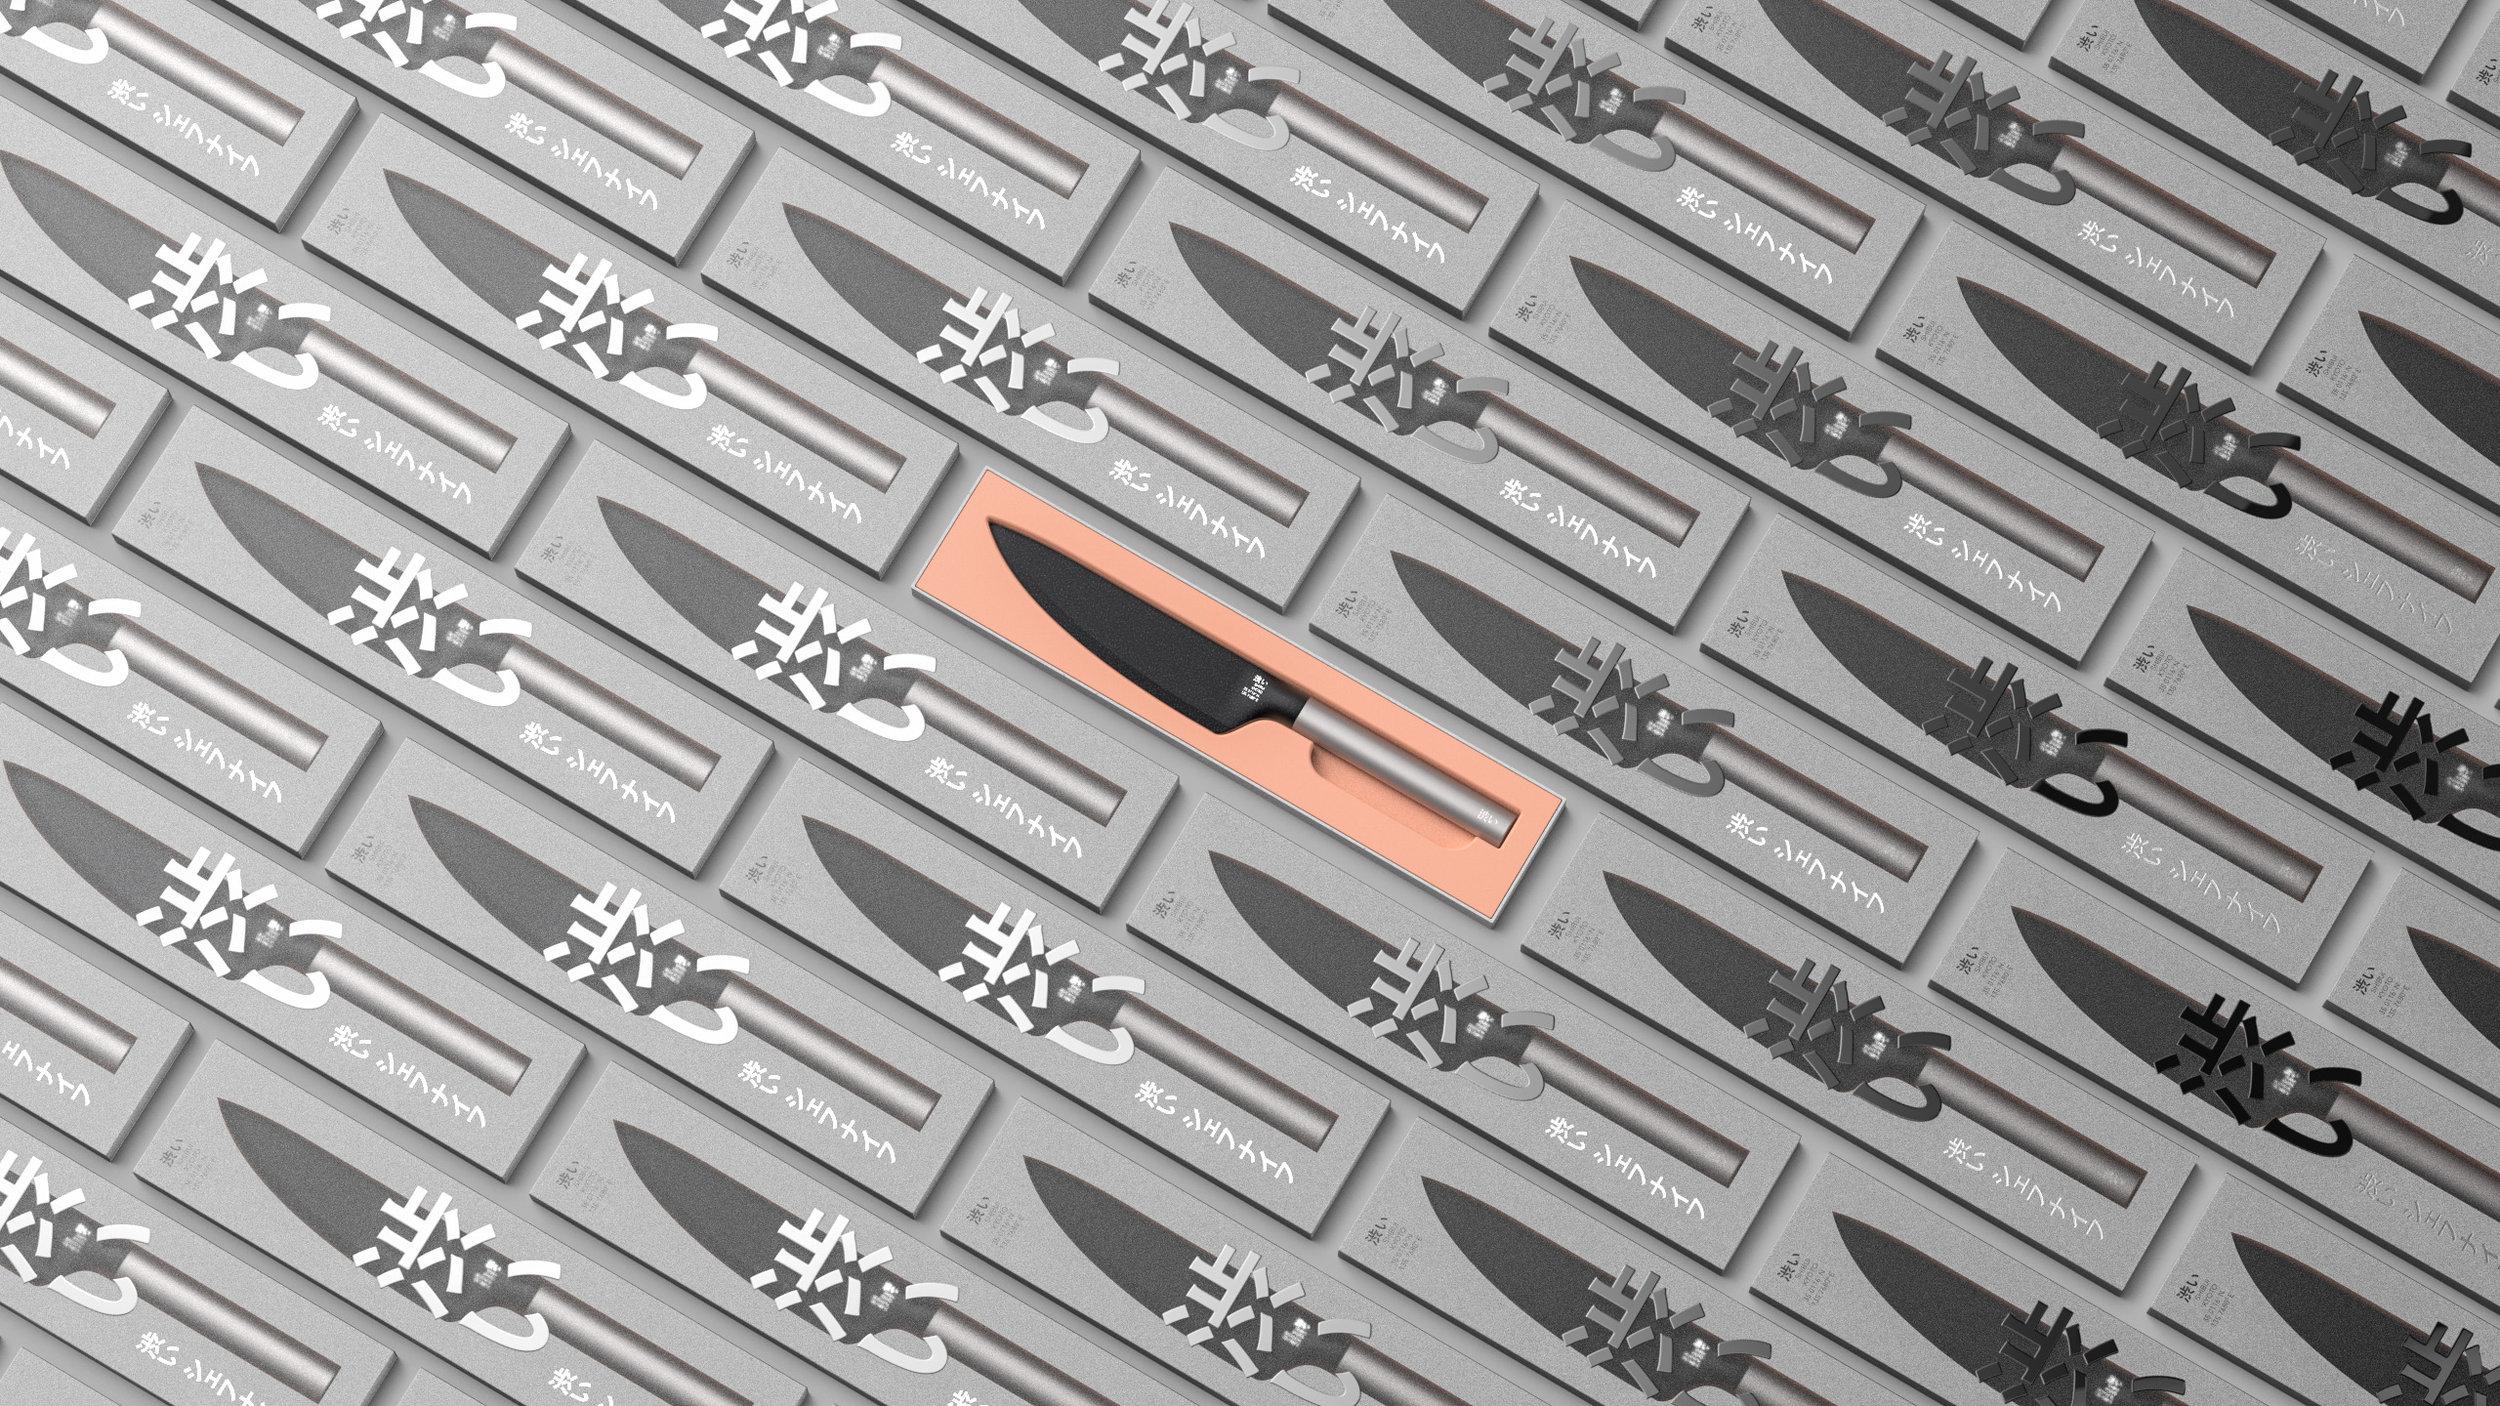 PackagingKnife_01.jpg